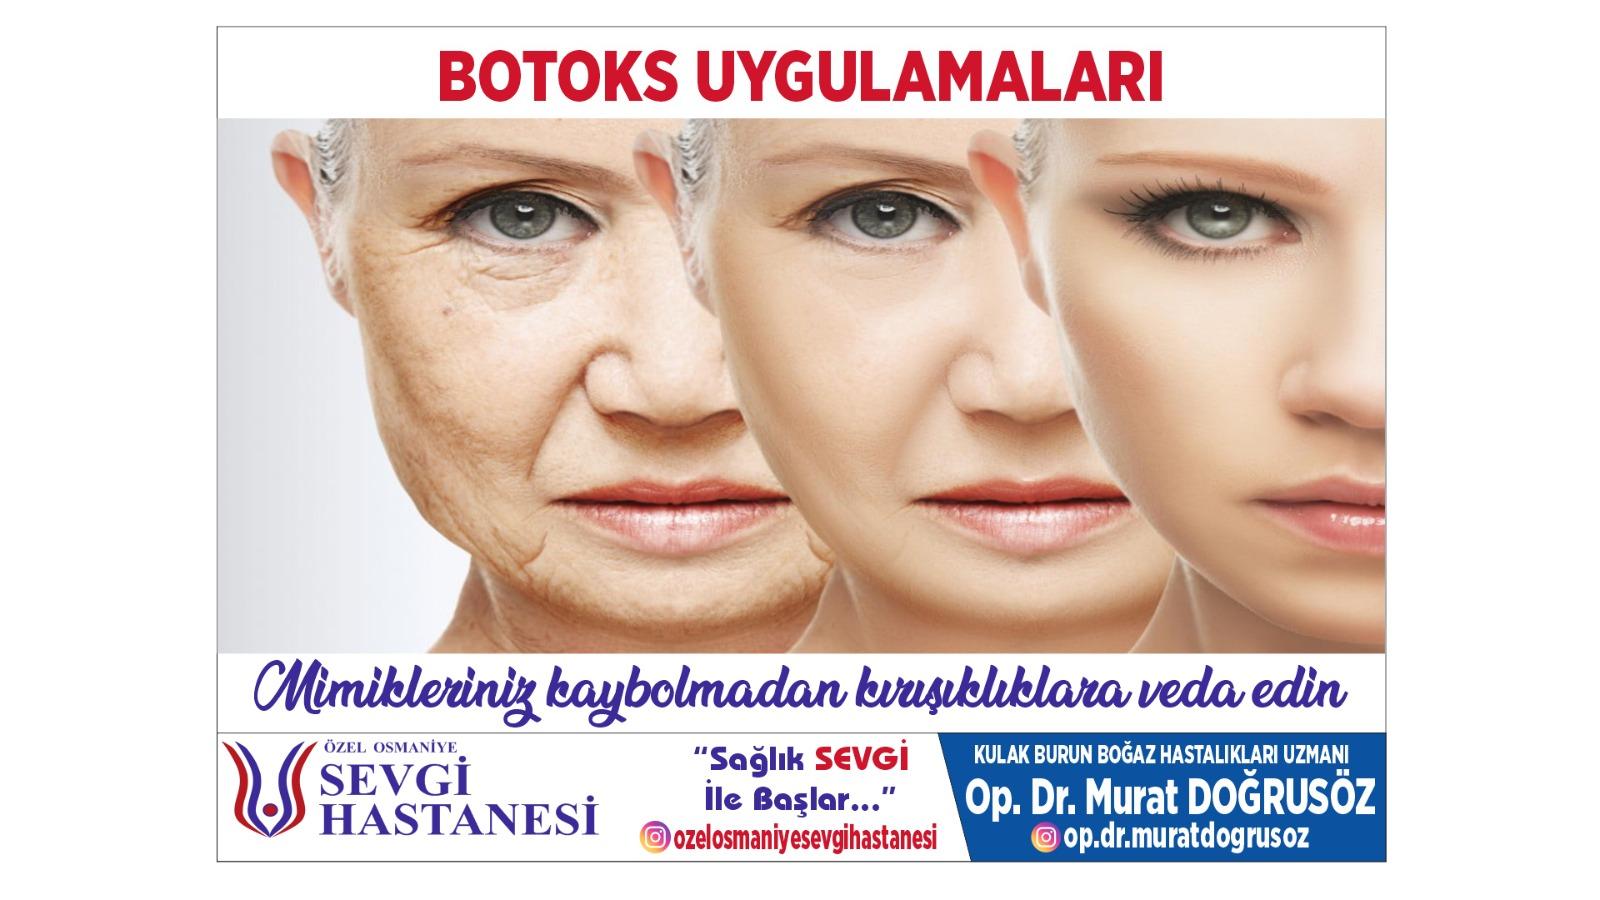 BOTOKS UYGULAMARI